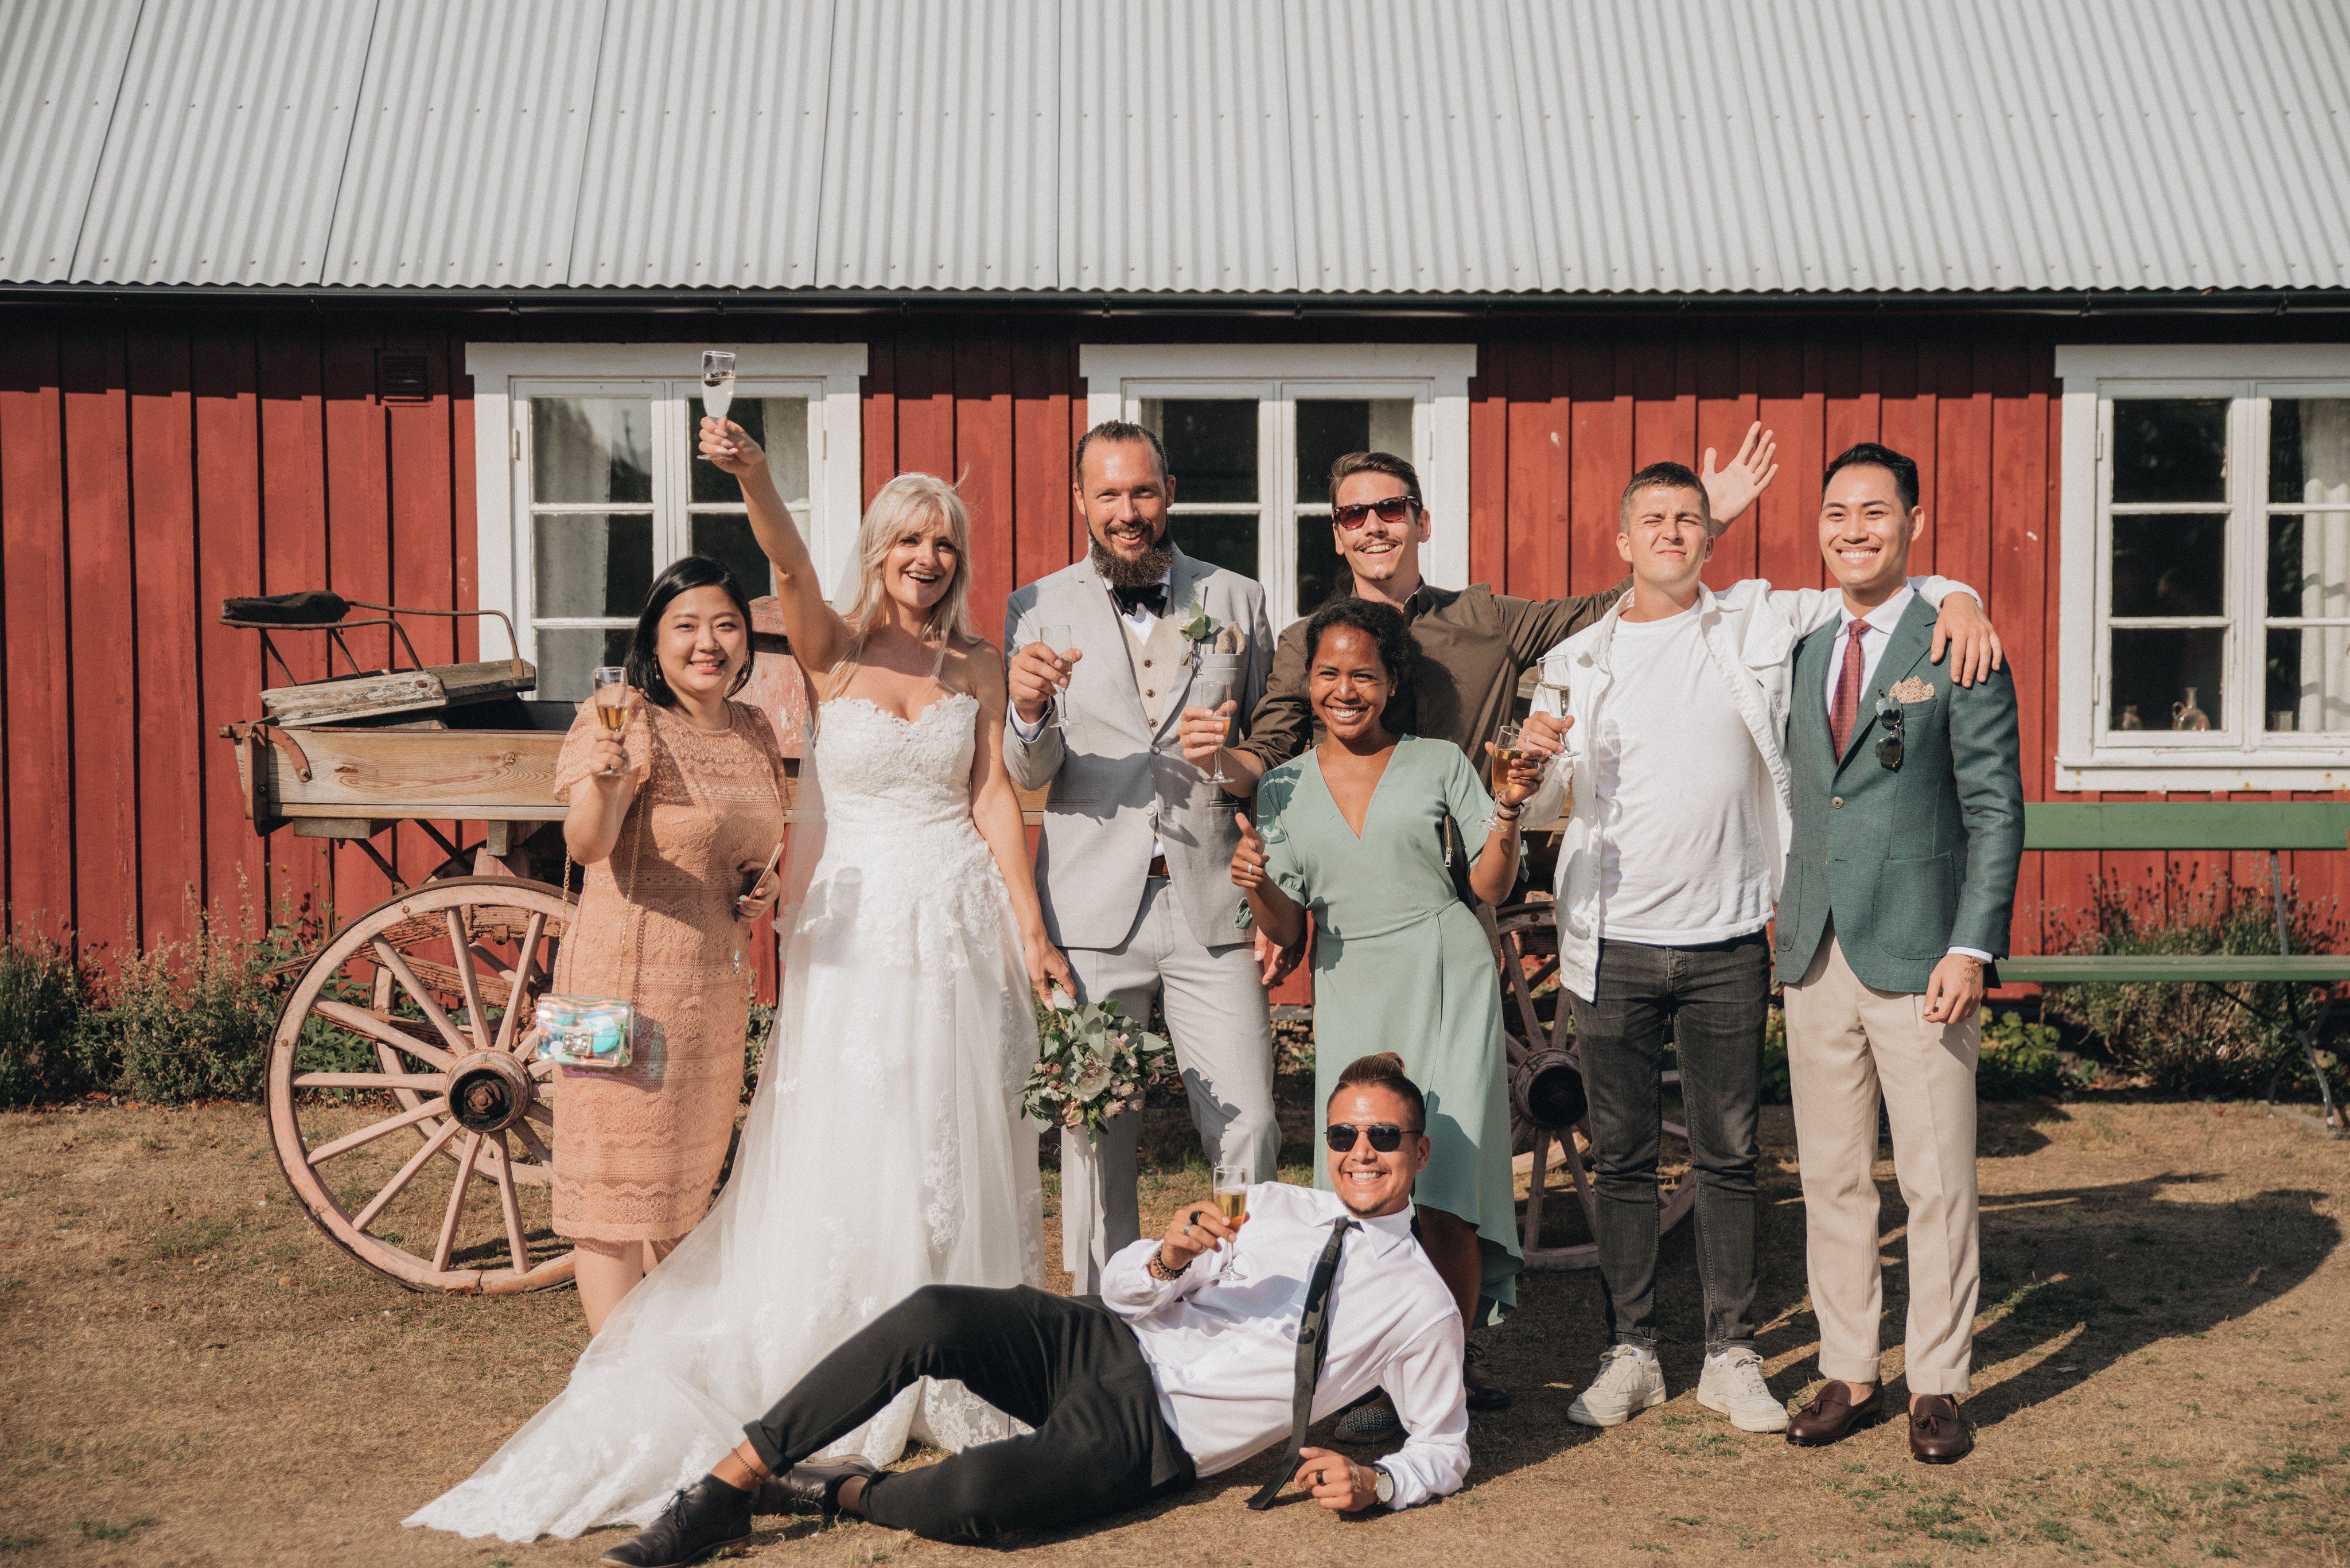 Class of 2009 attending Frida (Ahlsen) Hallin's (Class of 2009) wedding